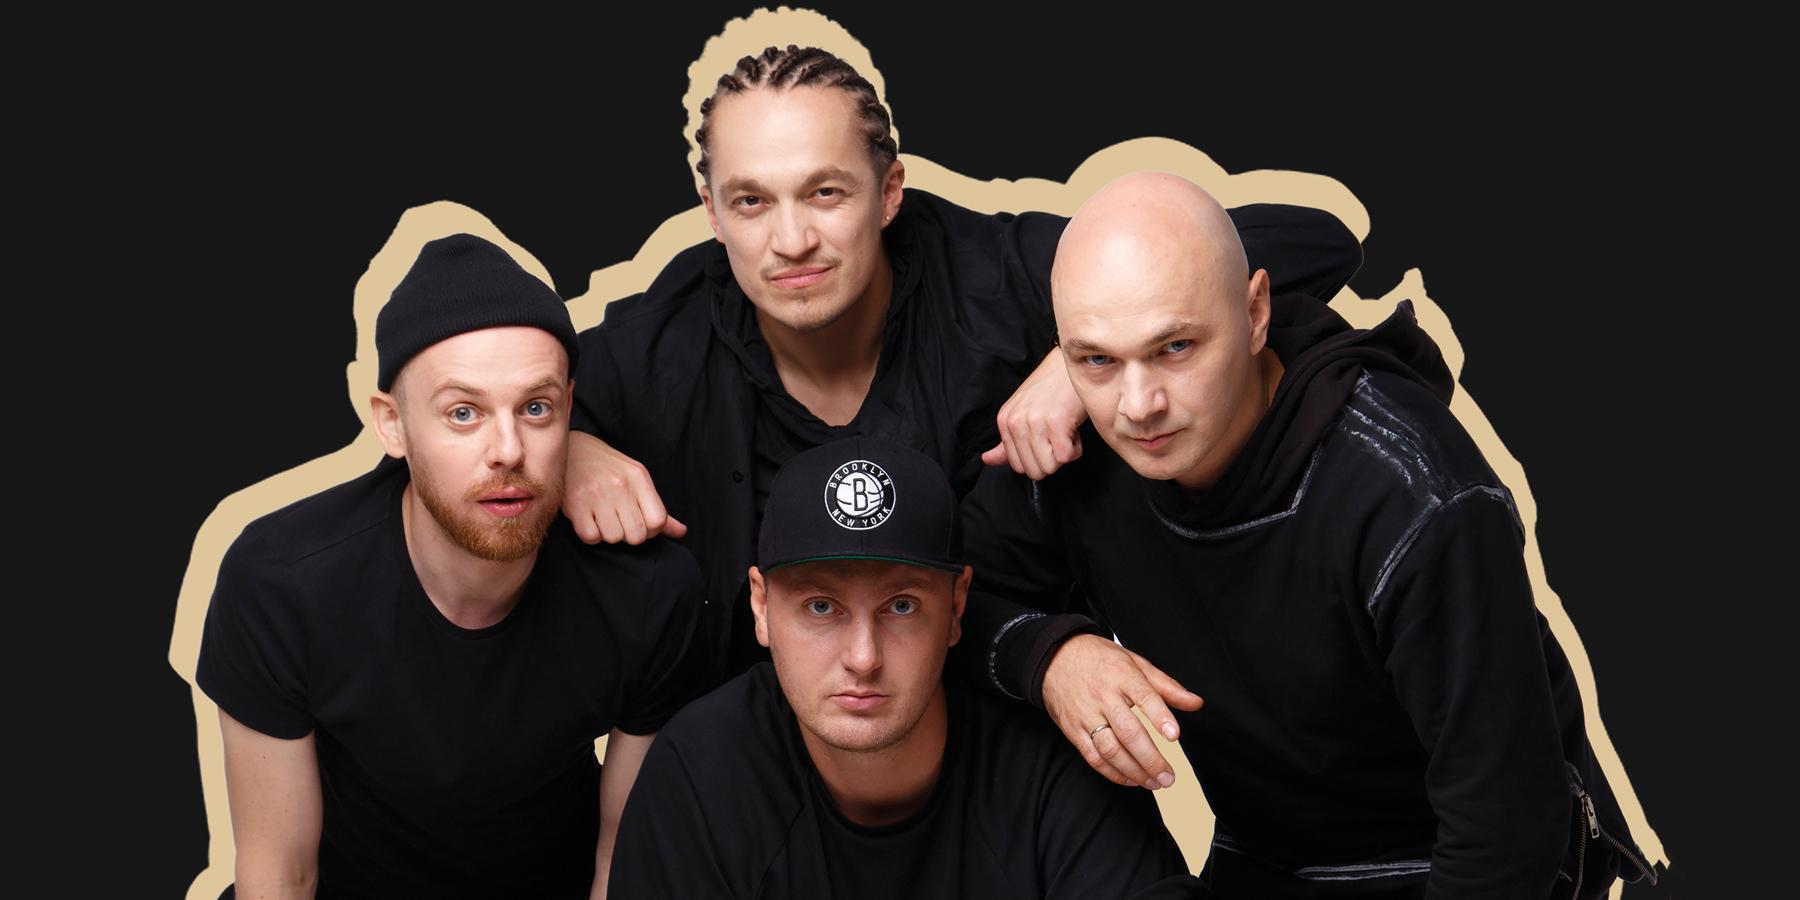 Анонсы концертов в москве декабрь 2019 изоражения